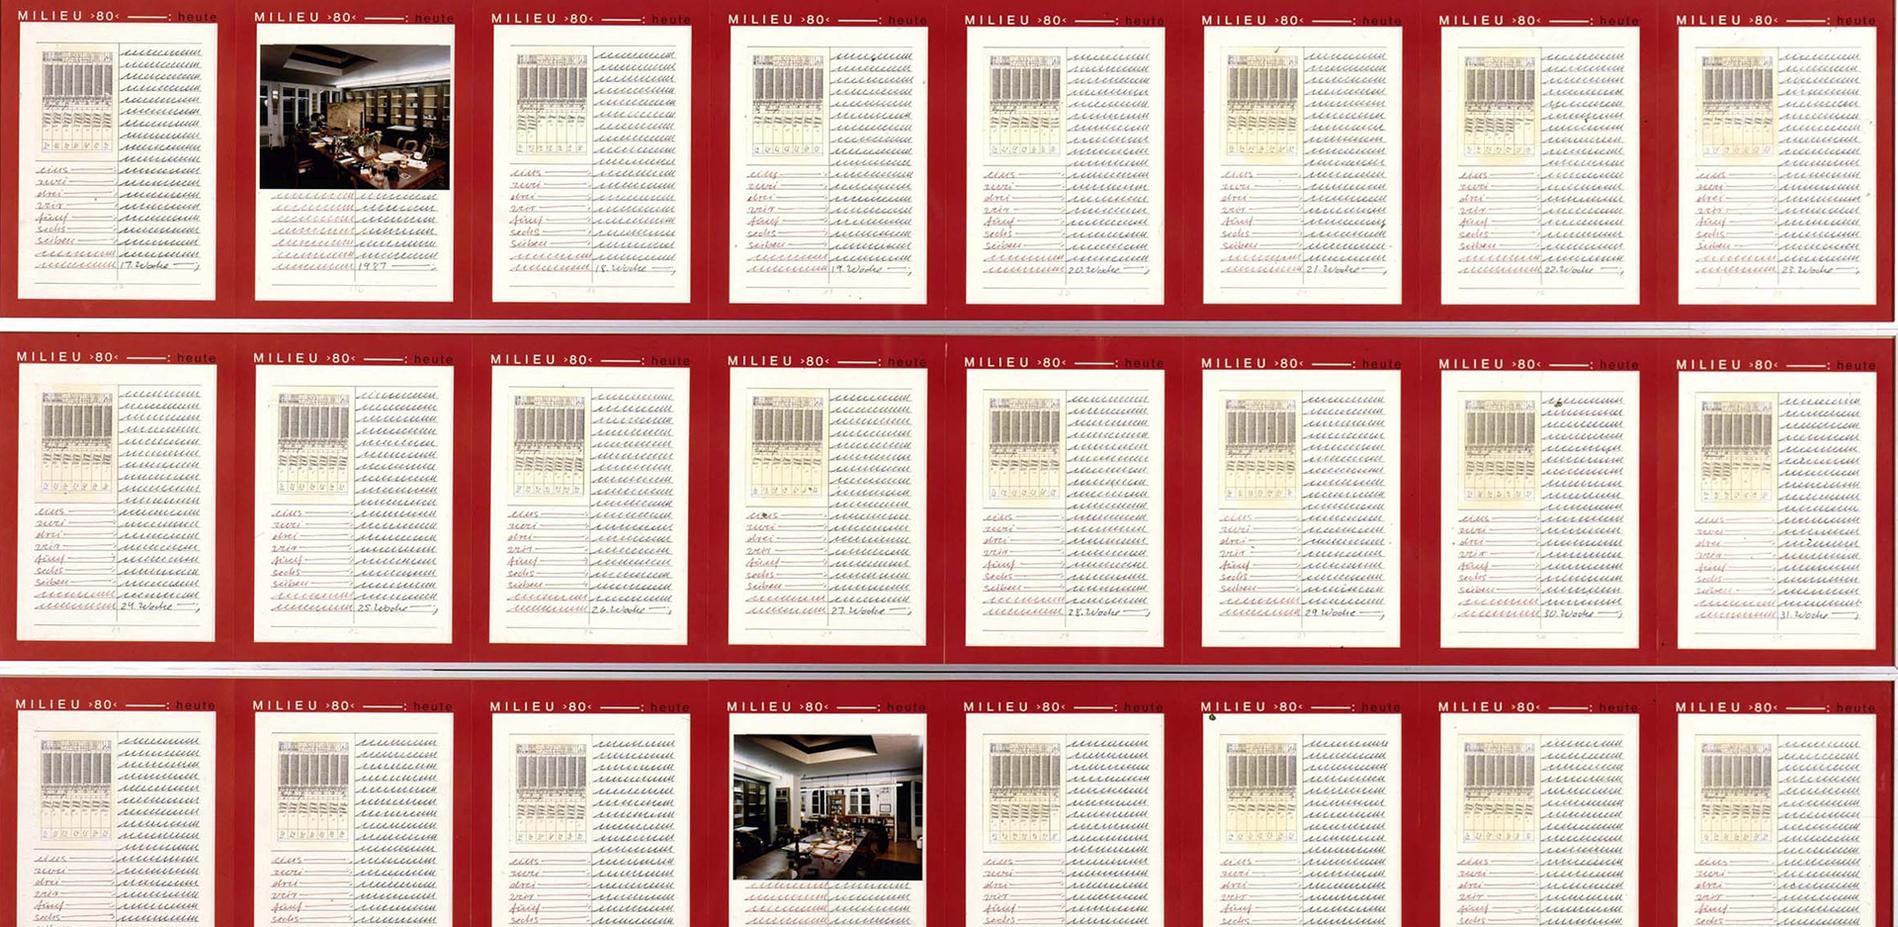 Hanne Darboven, Milieu >80<, Posthum, 1987, Detail, Feder auf Papier und Collage, 56-teilig, Staatliche Museen zu Berlin, Nationalgalerie, 1988 erworben durch das Land Berlin © Nationalgalerie im Hamburger Bahnhof, SMB / Eigentum des Landes Berlin / Jörg P. Anders Hanne Darboven Stiftung, Hamburg / VG Bild-Kunst, Bonn 2017